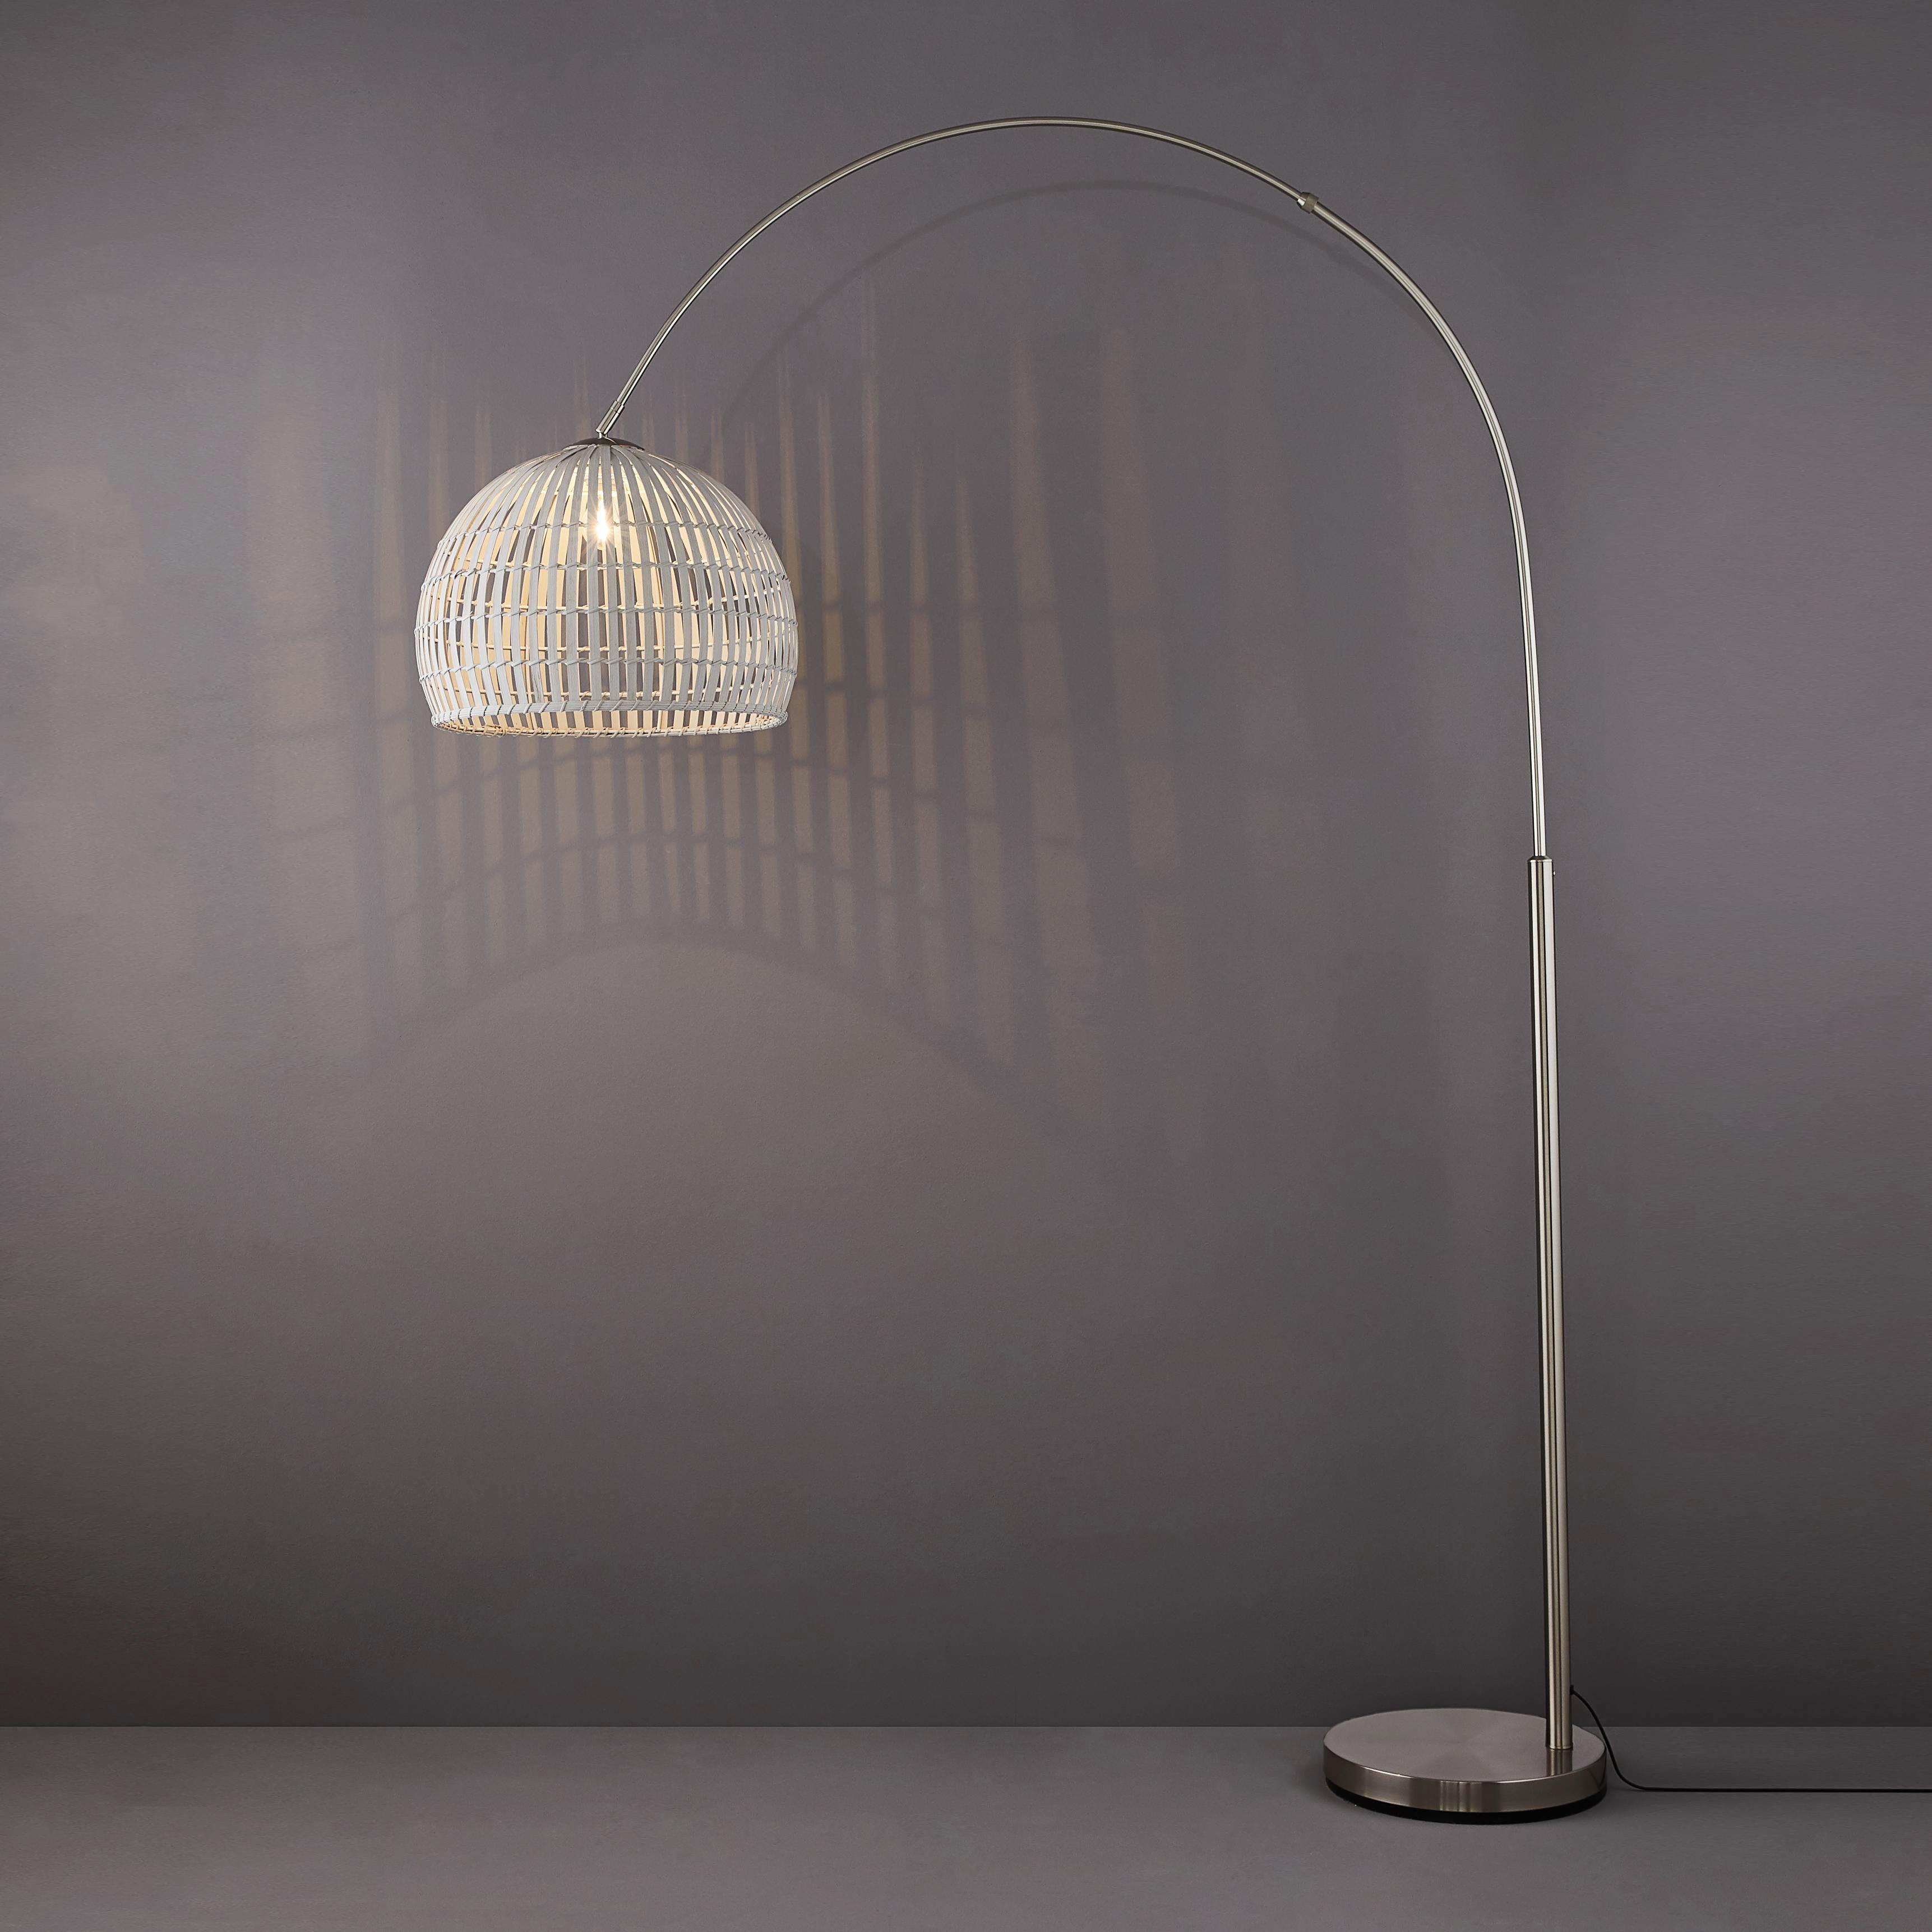 Möbel & Wohnen Geschickt Led Stehleuchte Bogenleuchte Lese Leuchte Bogenlampe Stehlampe Dimmbar 165cm Leuchten & Leuchtmittel